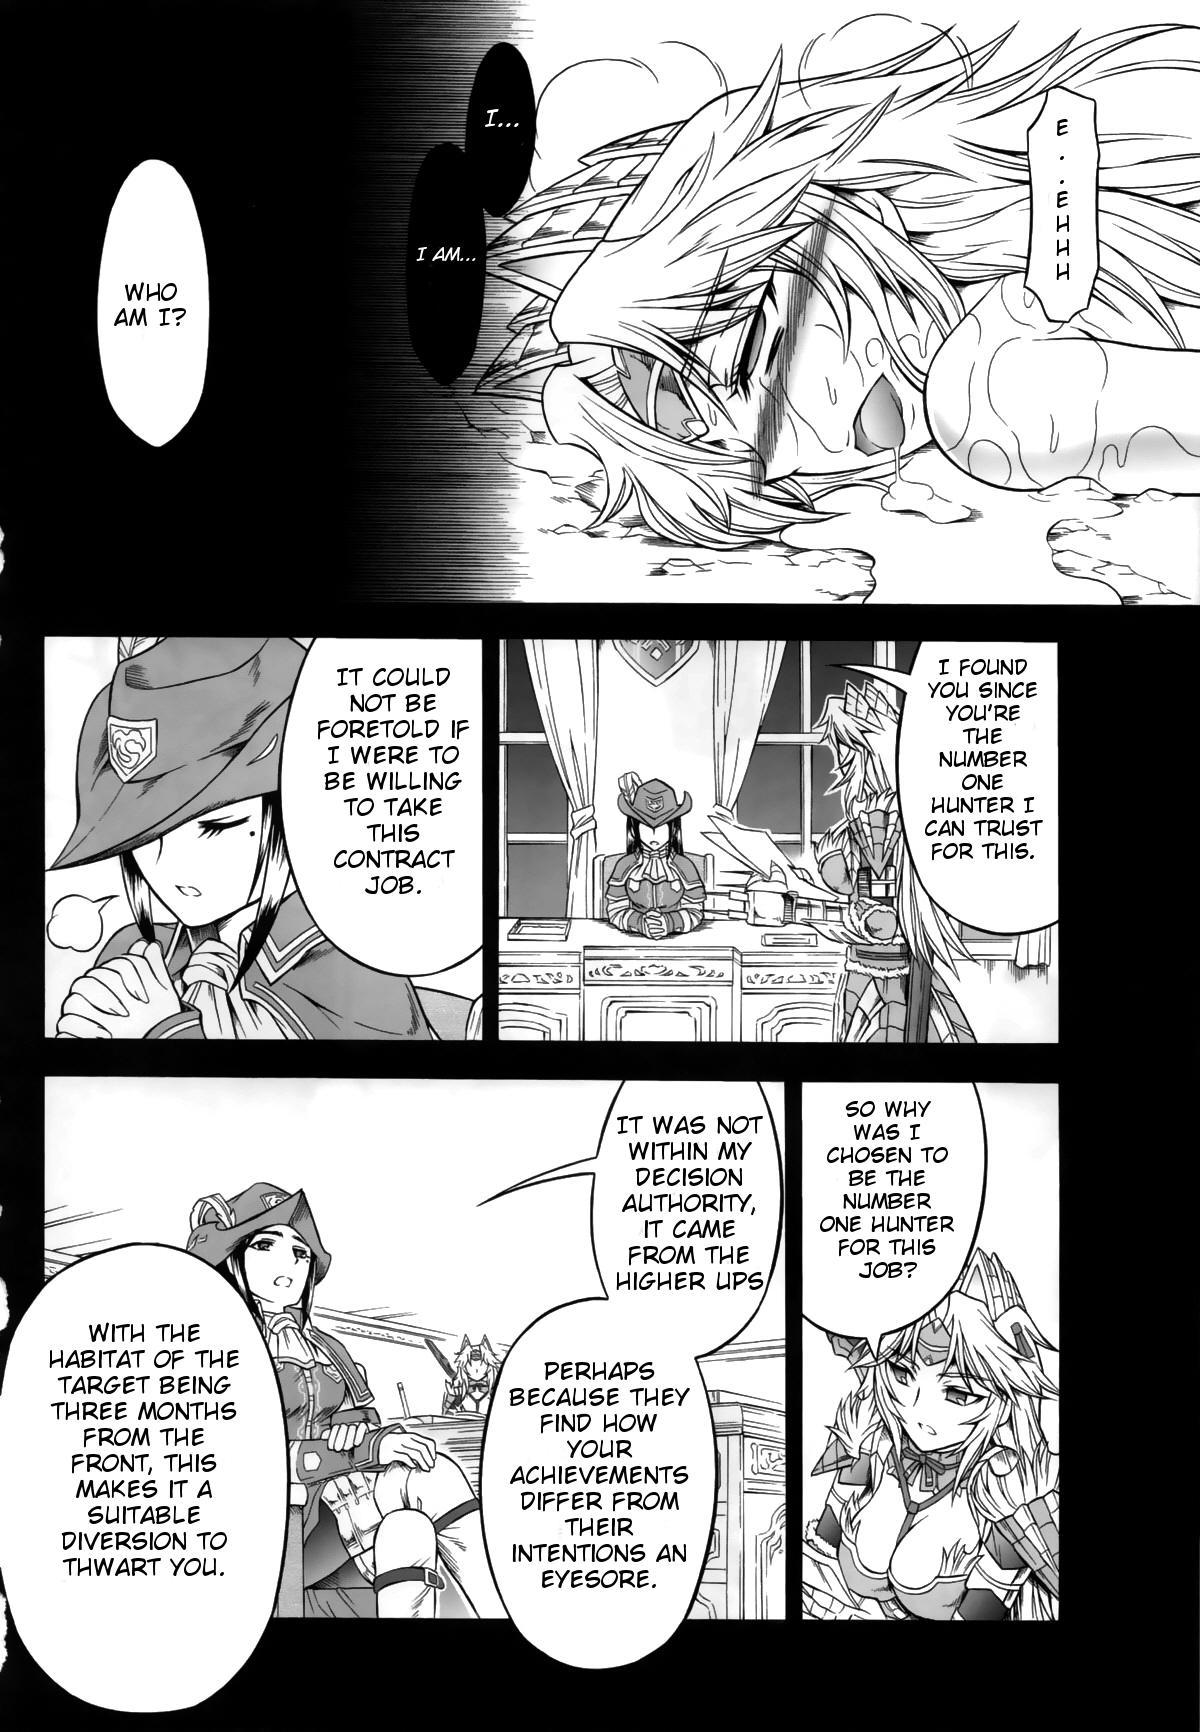 Solo Hunter no Seitai 4 The second part 30